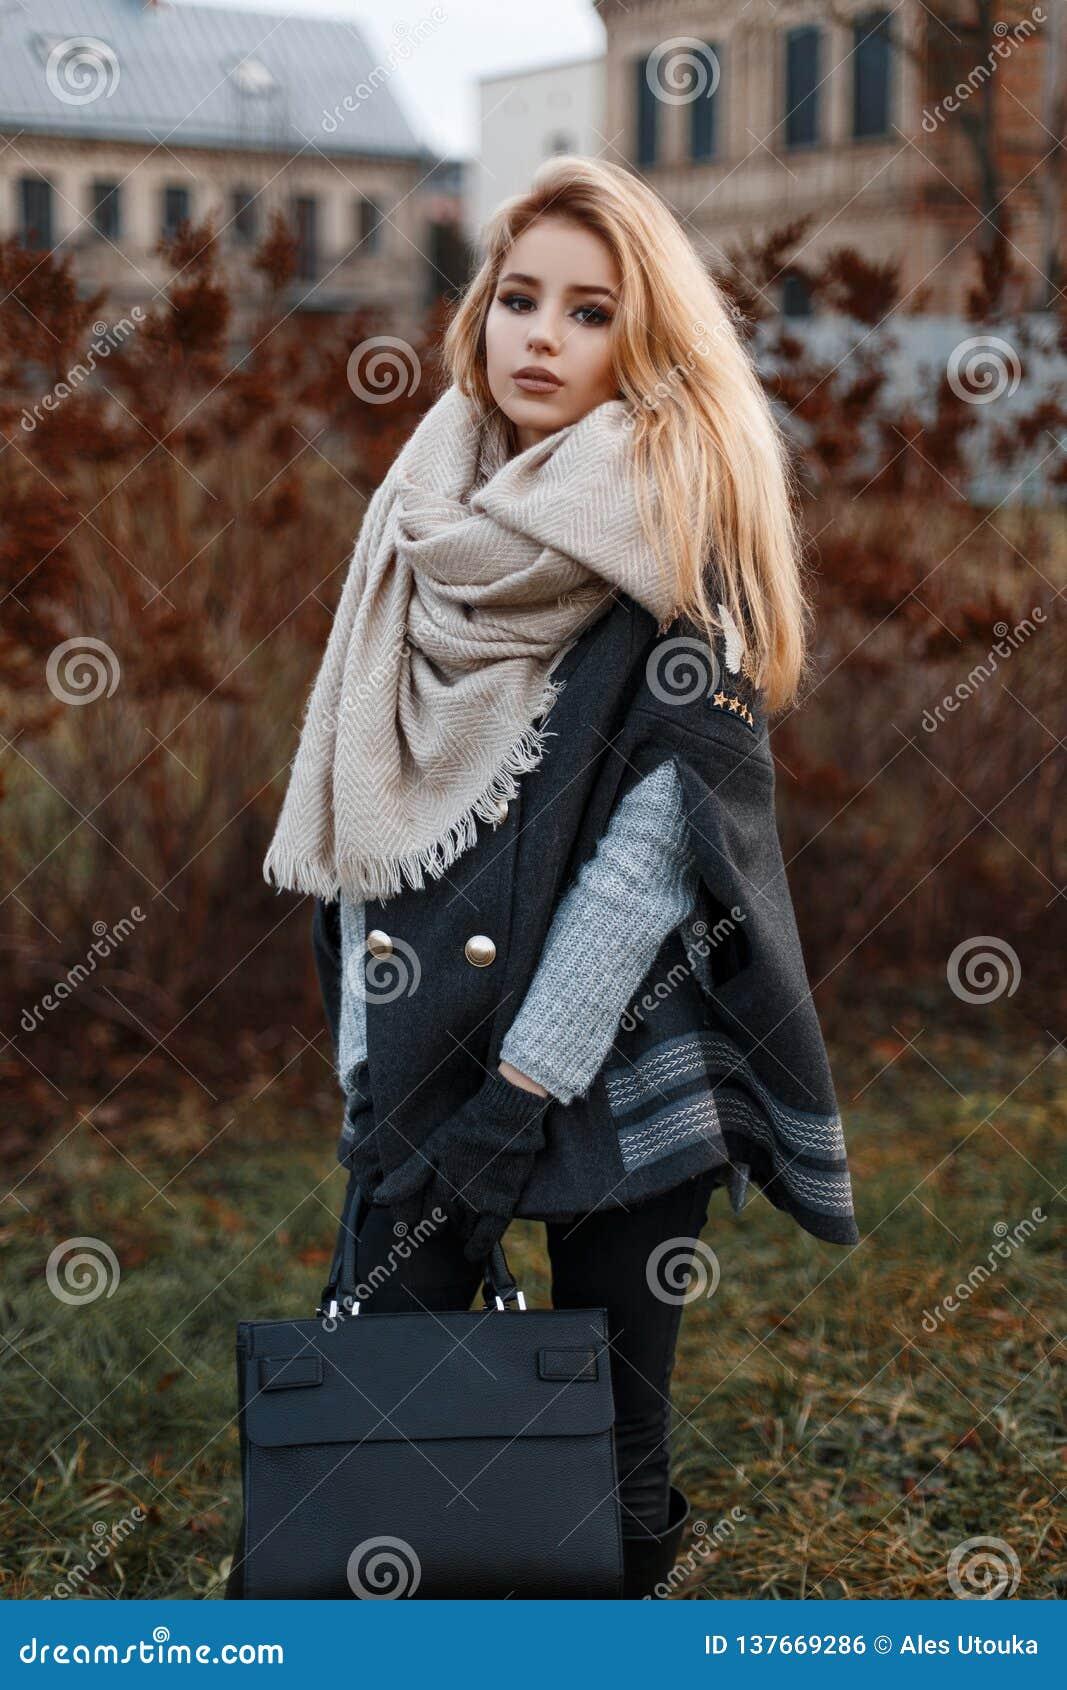 Jeune femme moderne élégante dans un chandail tricoté gris dans un manteau noir avec une écharpe dans des jeans noirs avec un sac